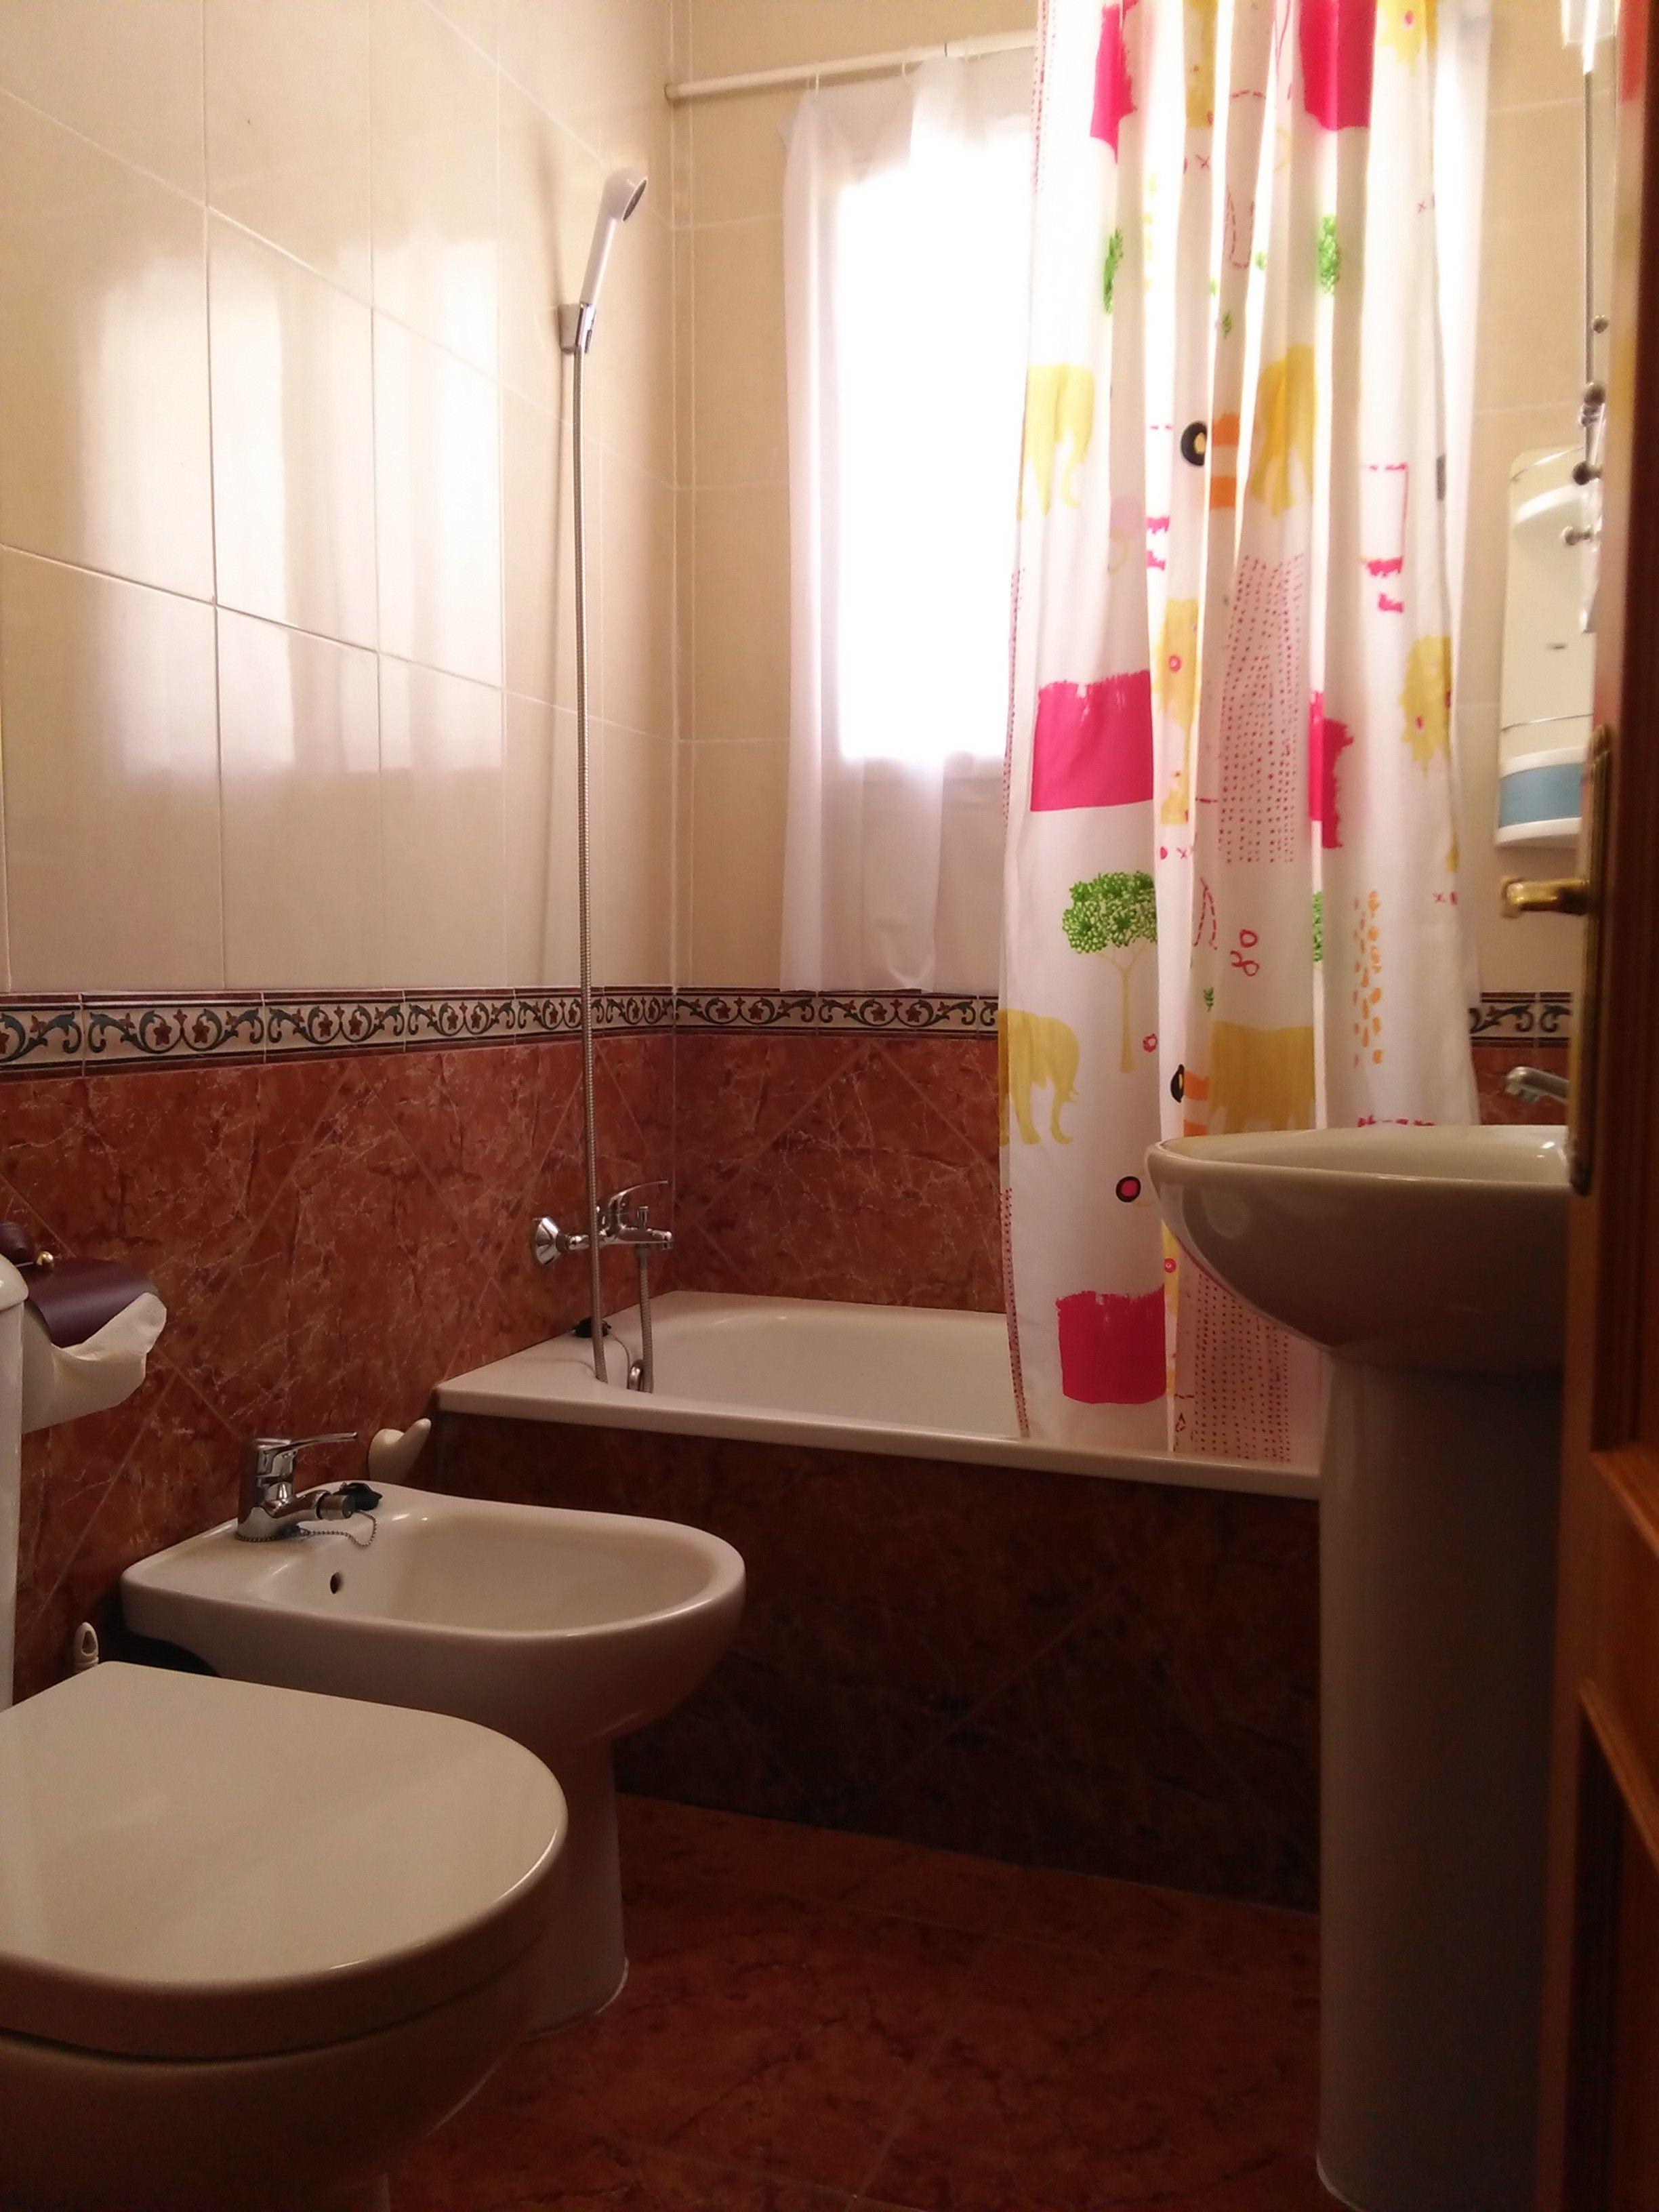 Casa Rural Villa Belydana | Casas rurales, Cuarto de baño ...